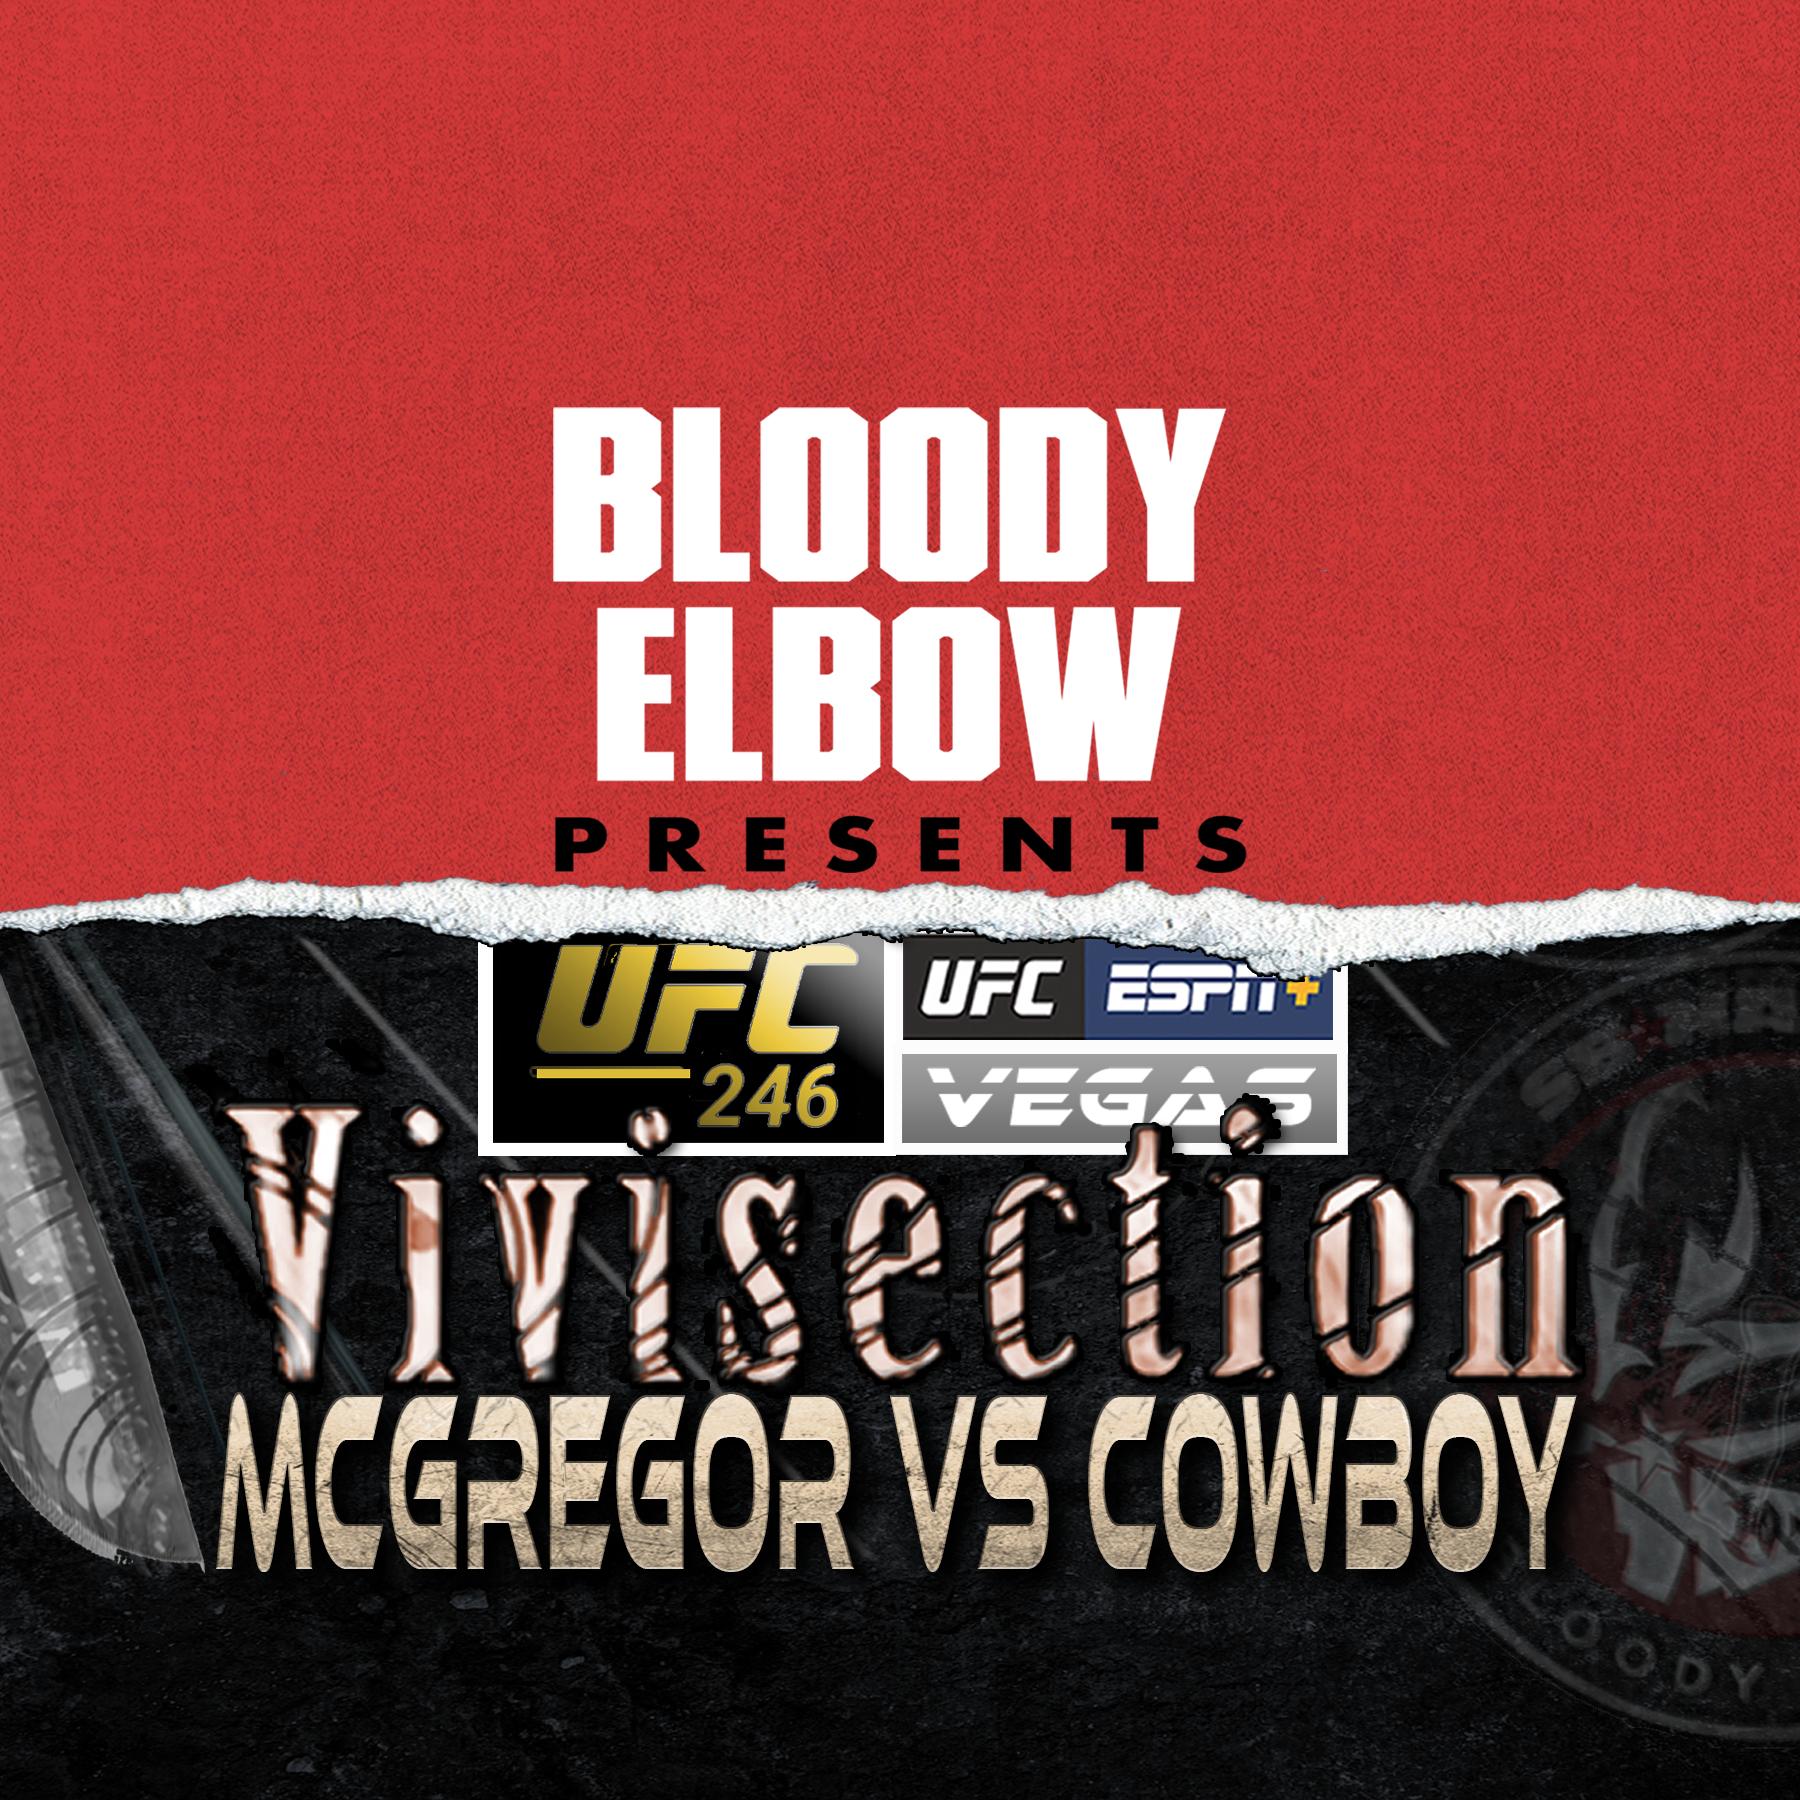 UFC 246. Conor McGregor vs Donald Cowboy Cerrone, UFC Preview, UFC Picks and Predictions, UFC Odds, UFC Analysis, MMA Vivisection